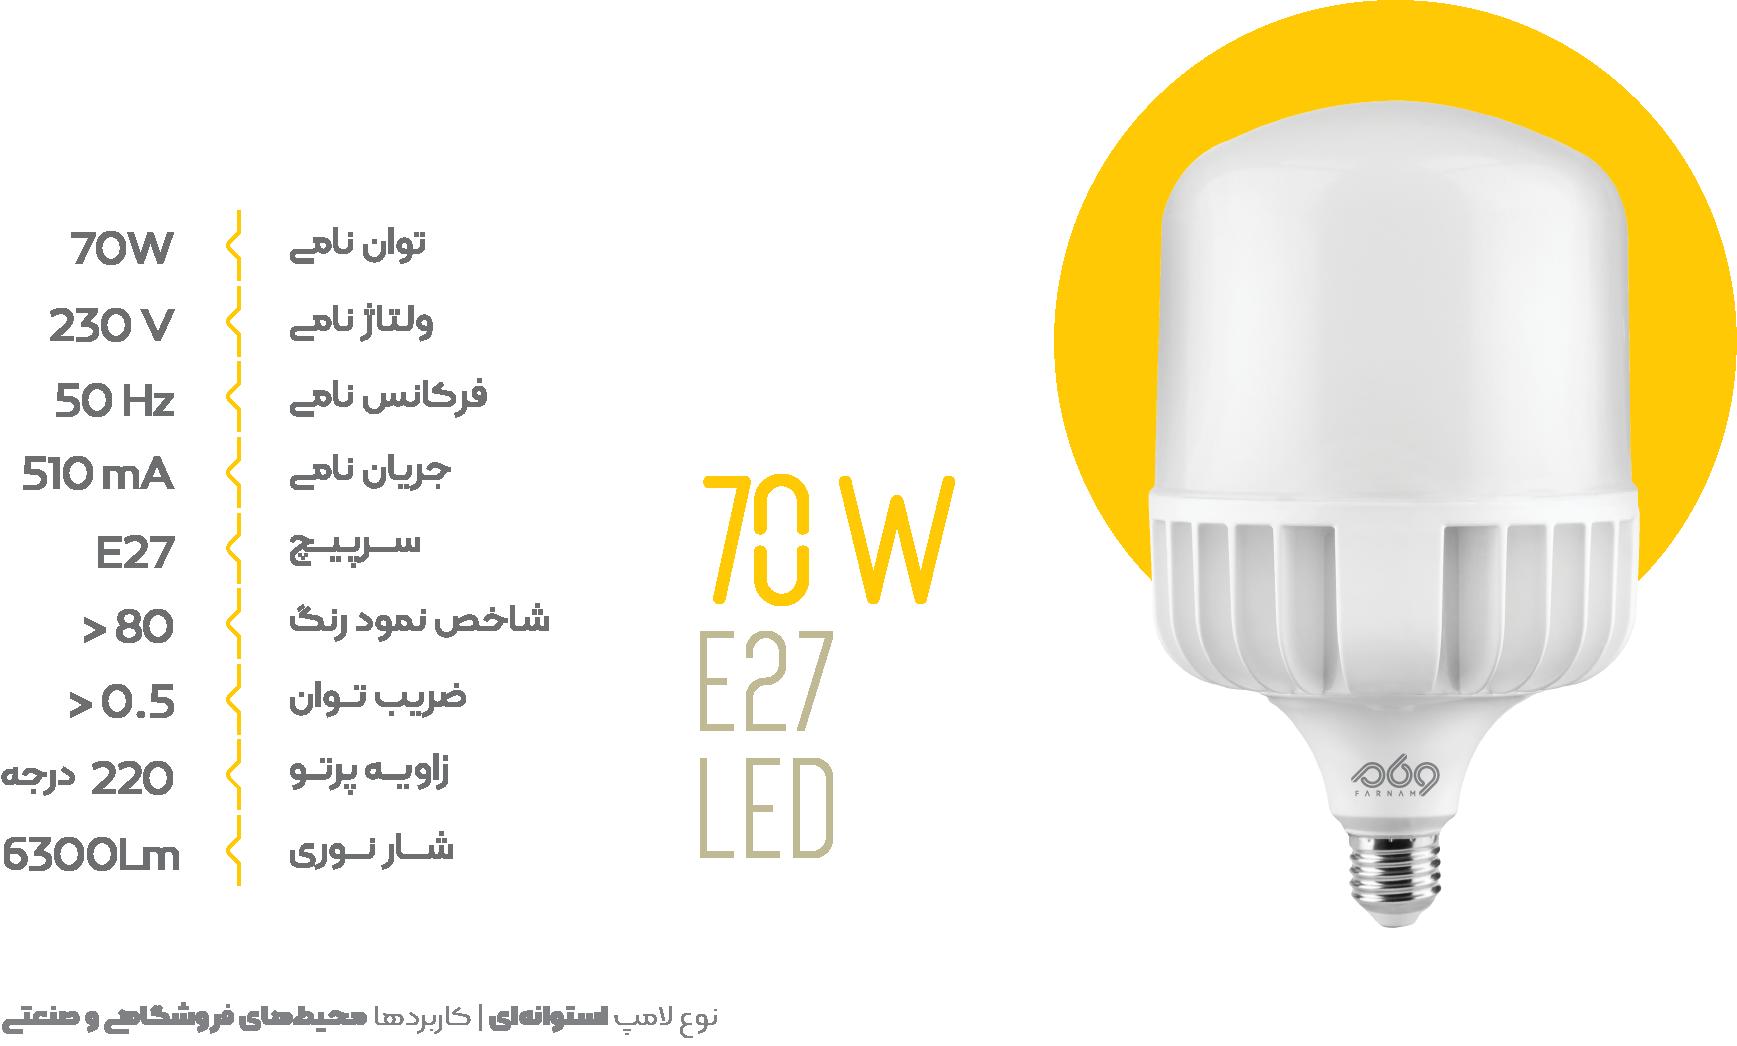 لامپ 70 وات استوانه ای فرنام